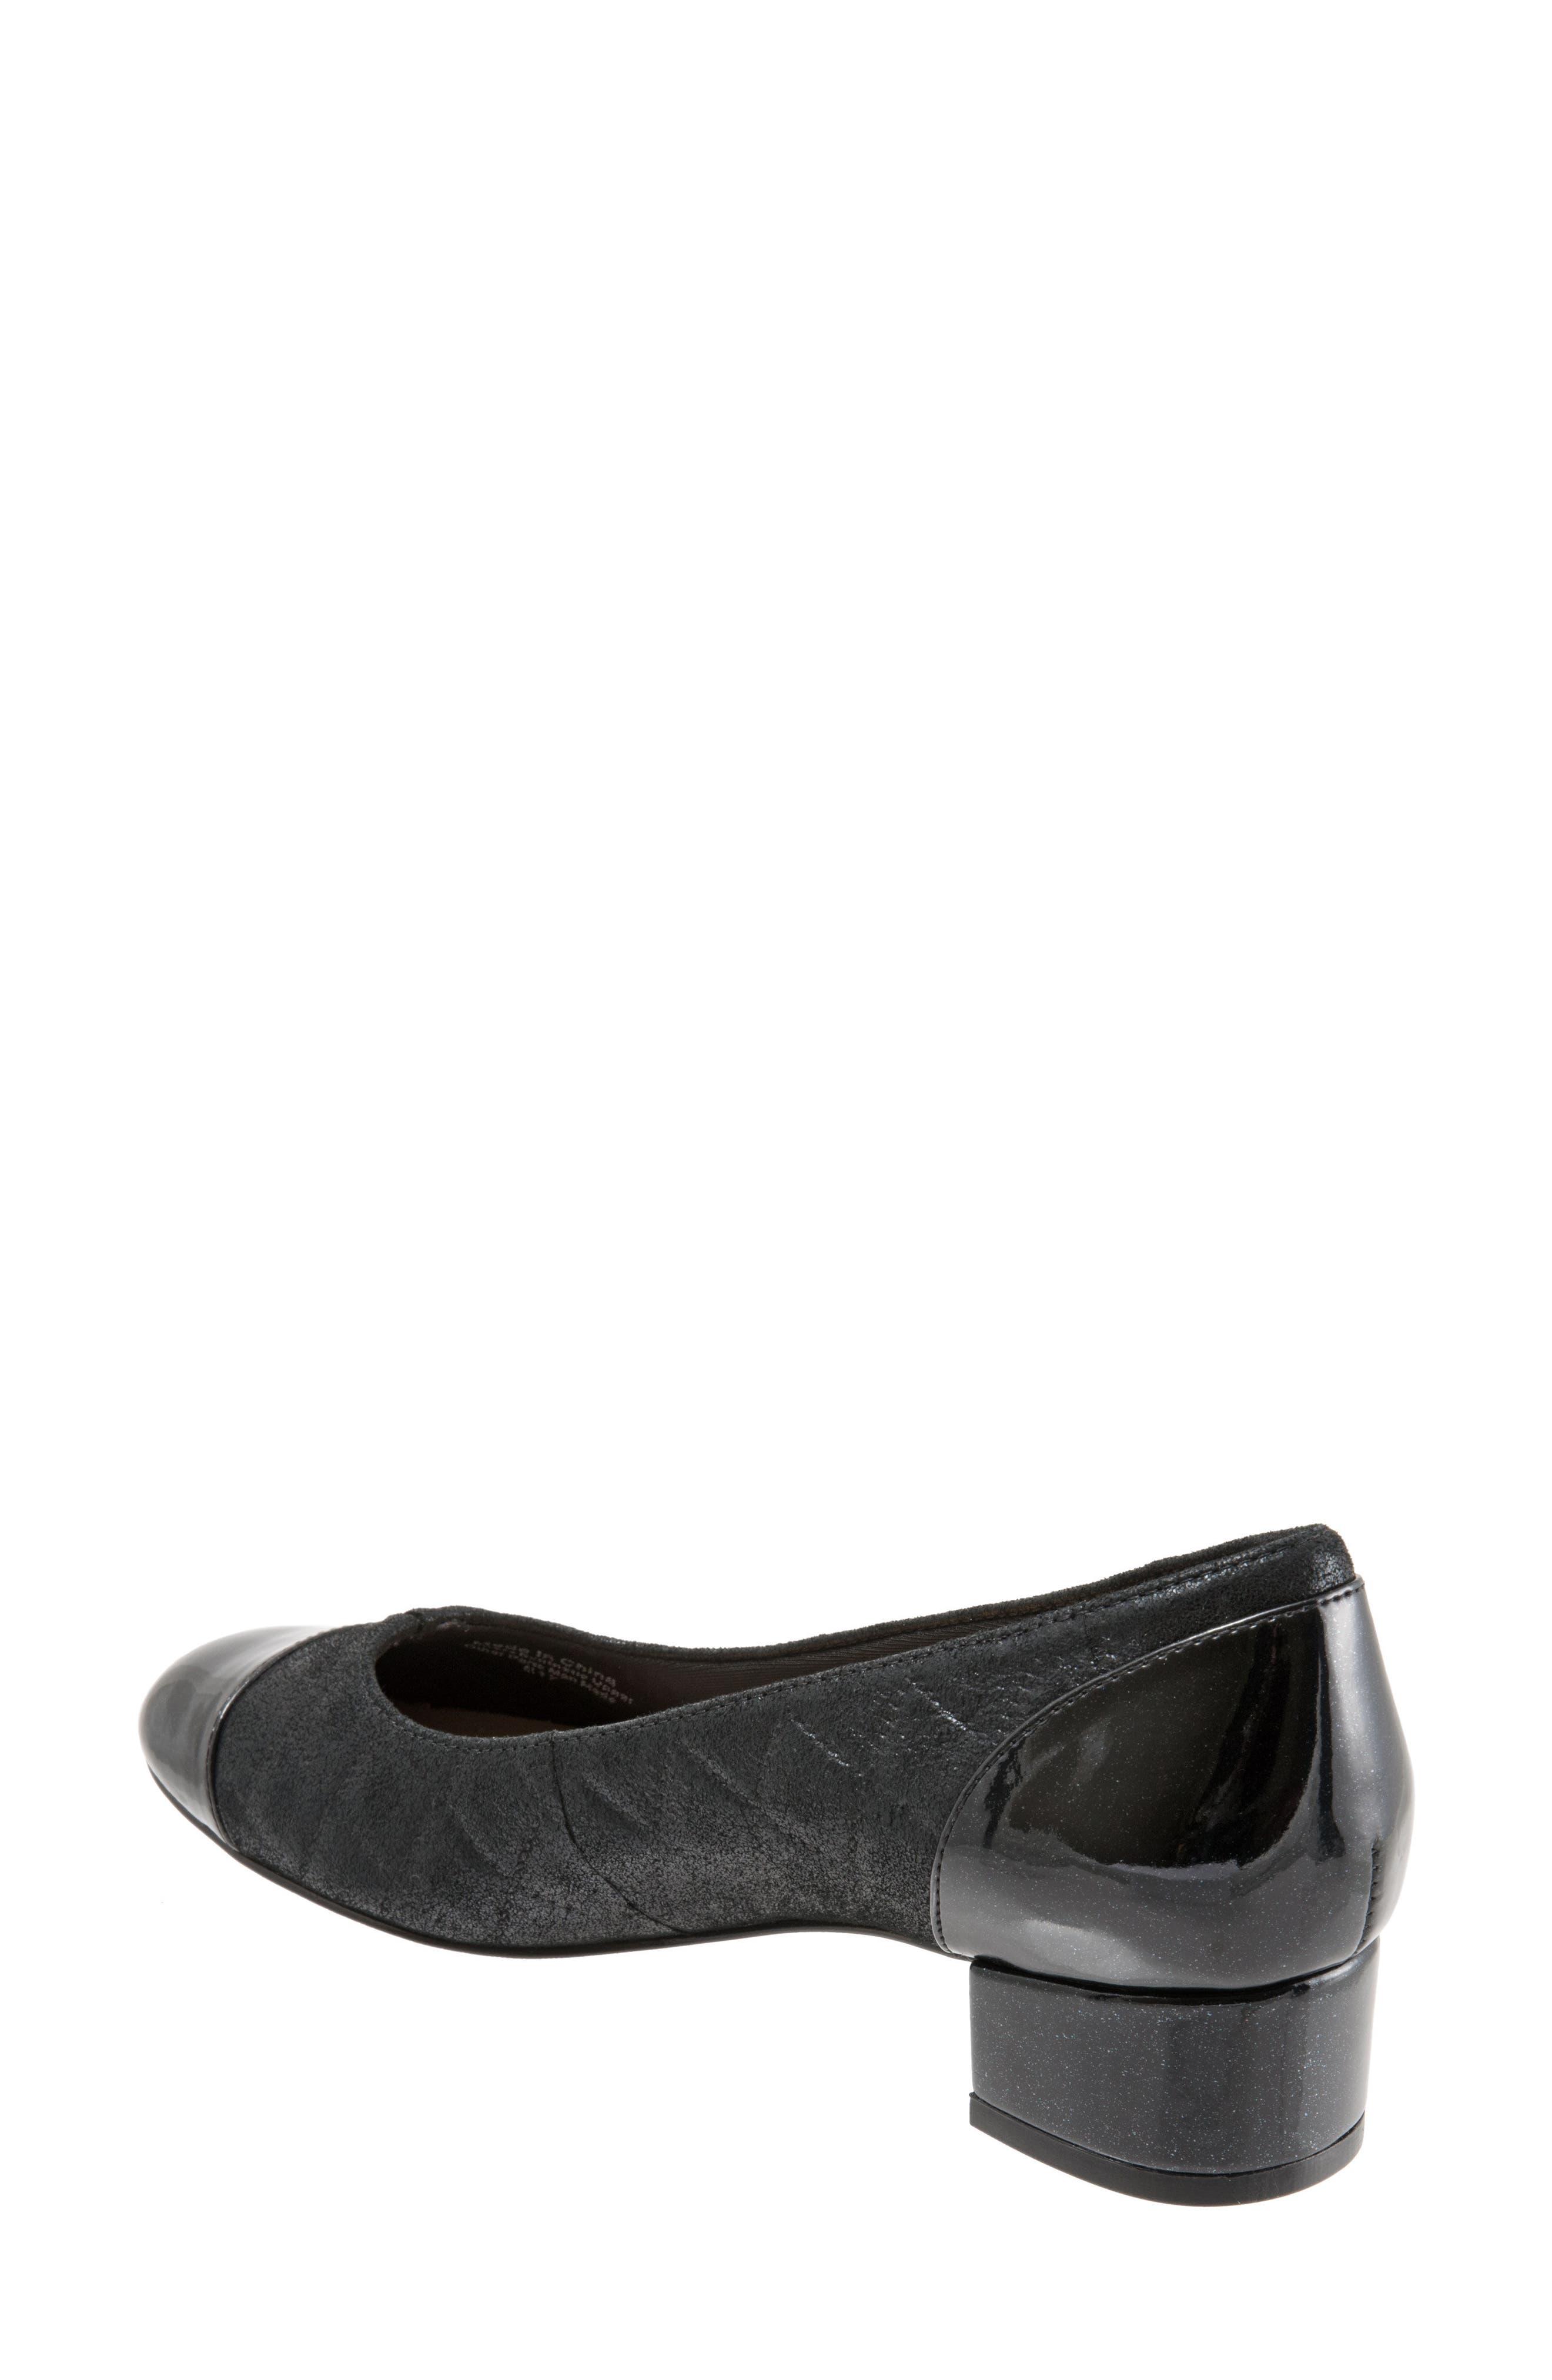 'Signature Danelle' Pump,                             Alternate thumbnail 2, color,                             Black Leather